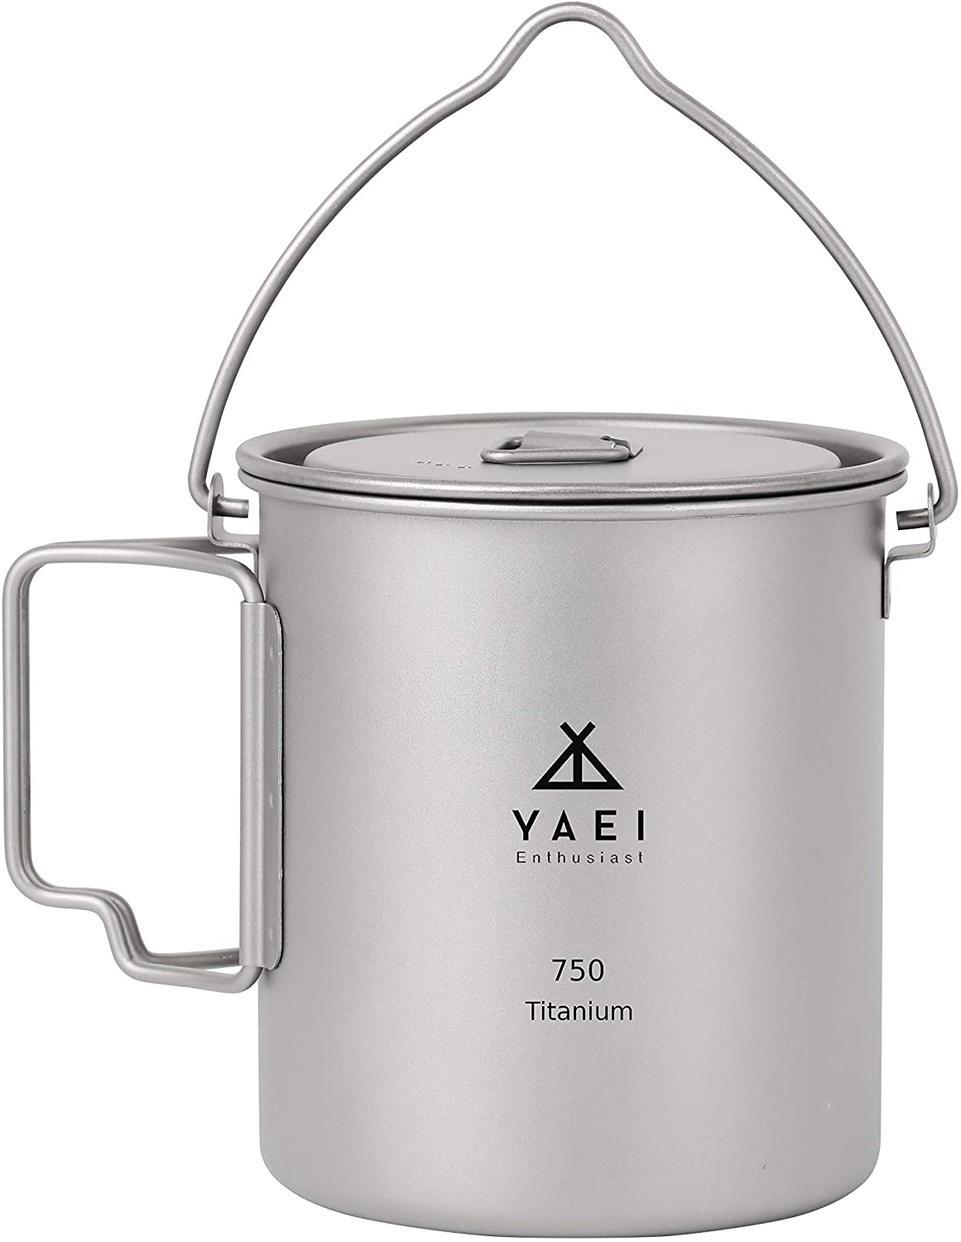 野営エンスージアスト(YAEI Enthusiast) チタン マグカップの商品画像